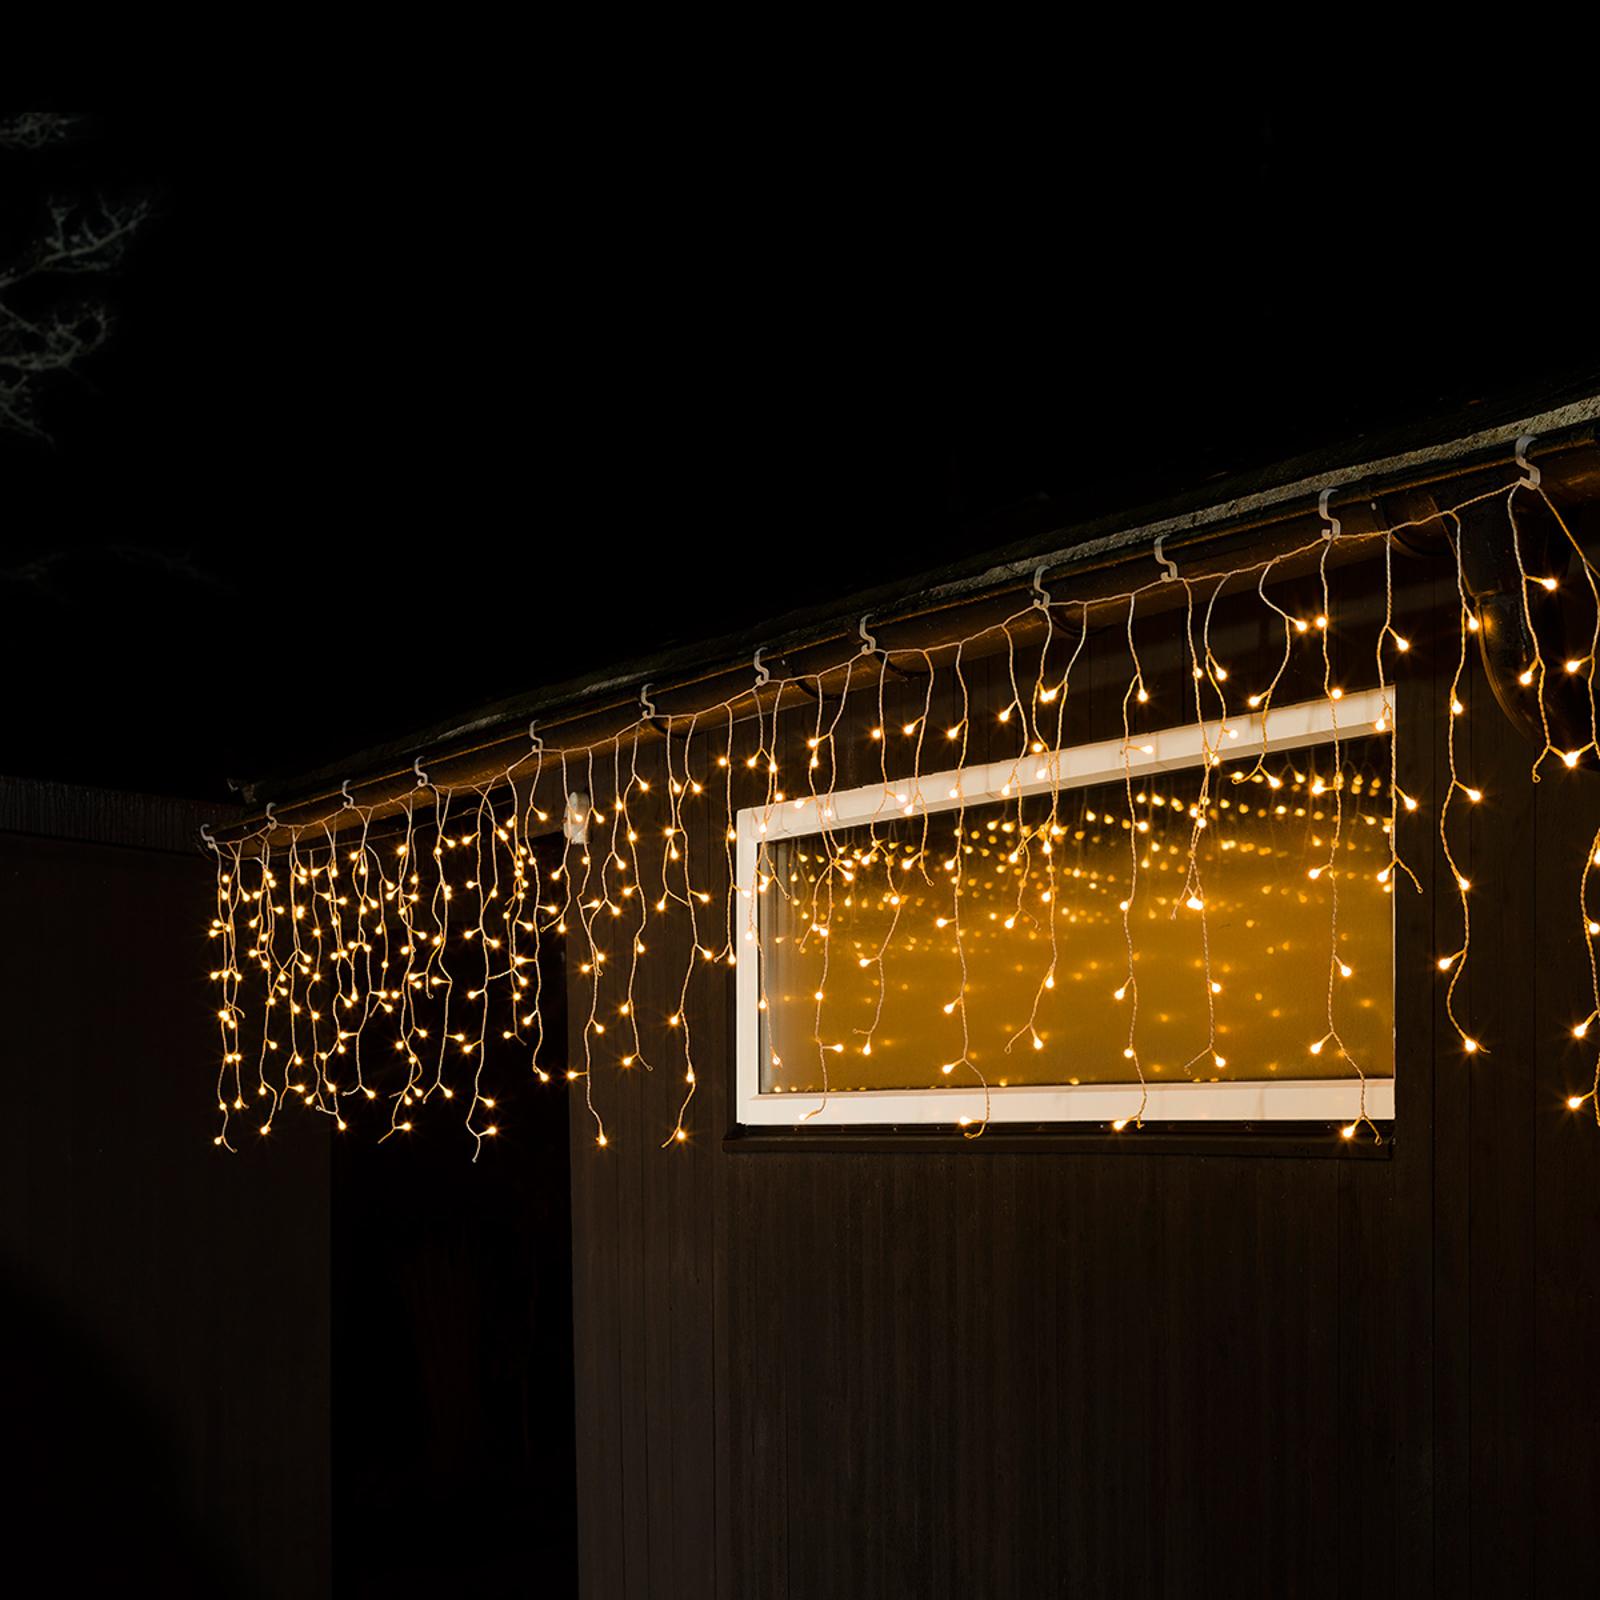 LED-ljusgardin för utomhus, 400 ljus